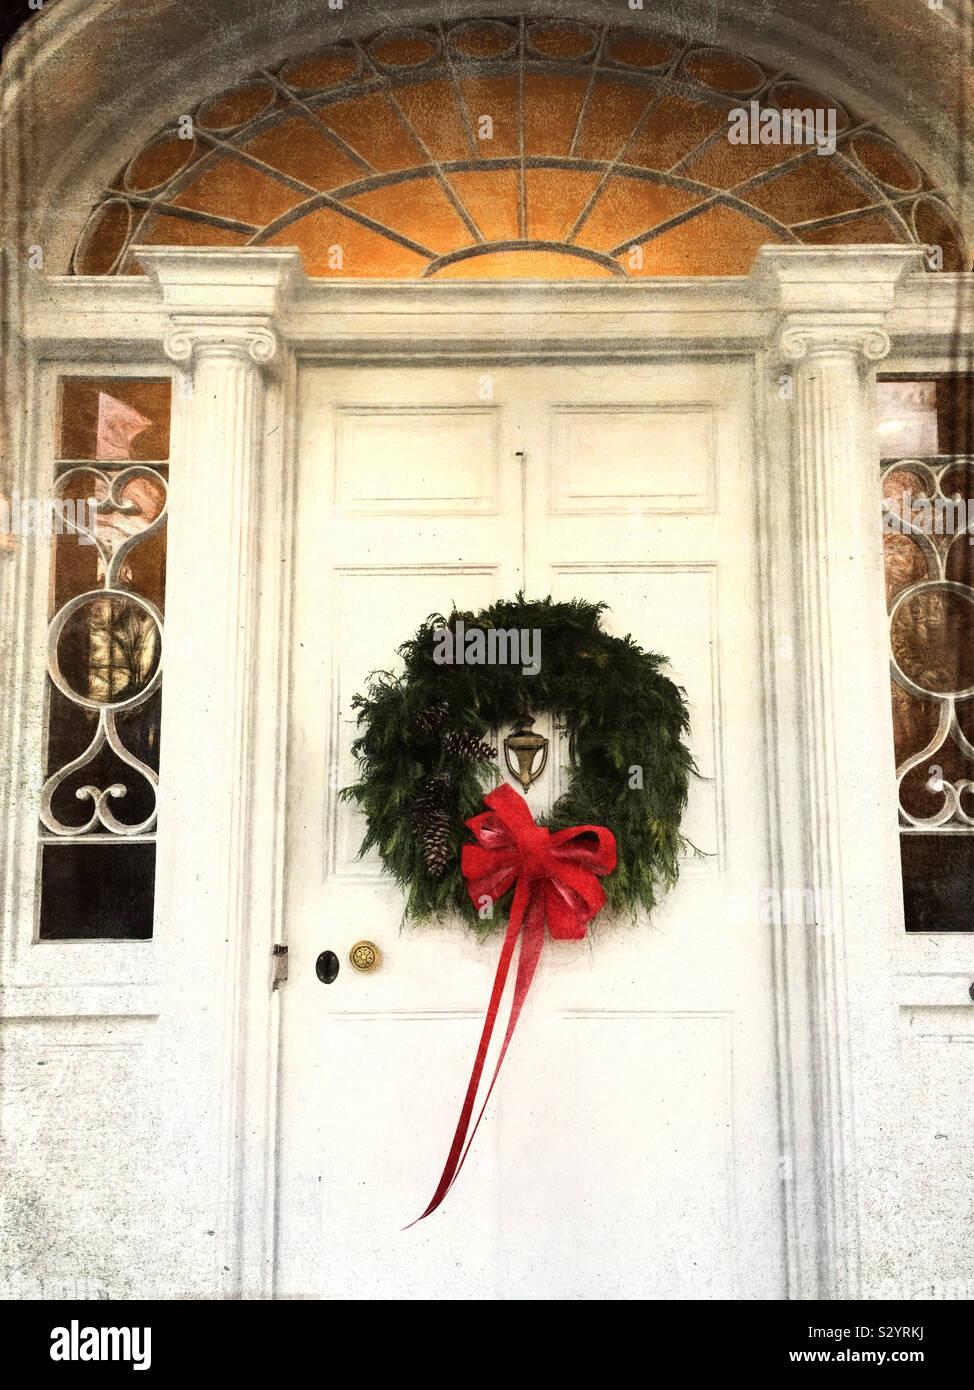 Un handmade vacanze di Natale corona è appeso su un colorato di bianco porta. Questa immagine ha una e pittorica di grunge effetto testurizzato. Foto Stock